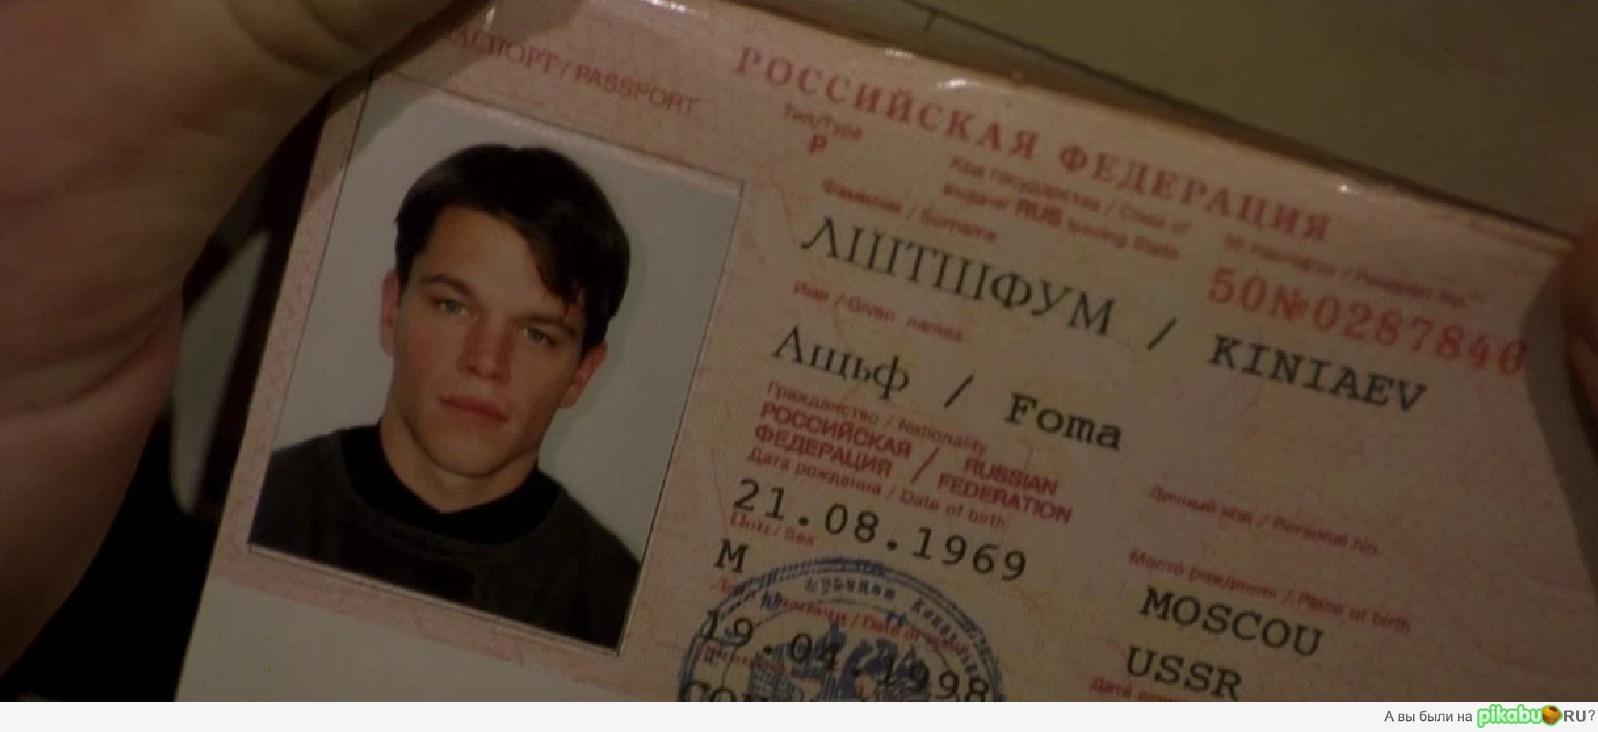 Когда меняют фотографию в паспорте